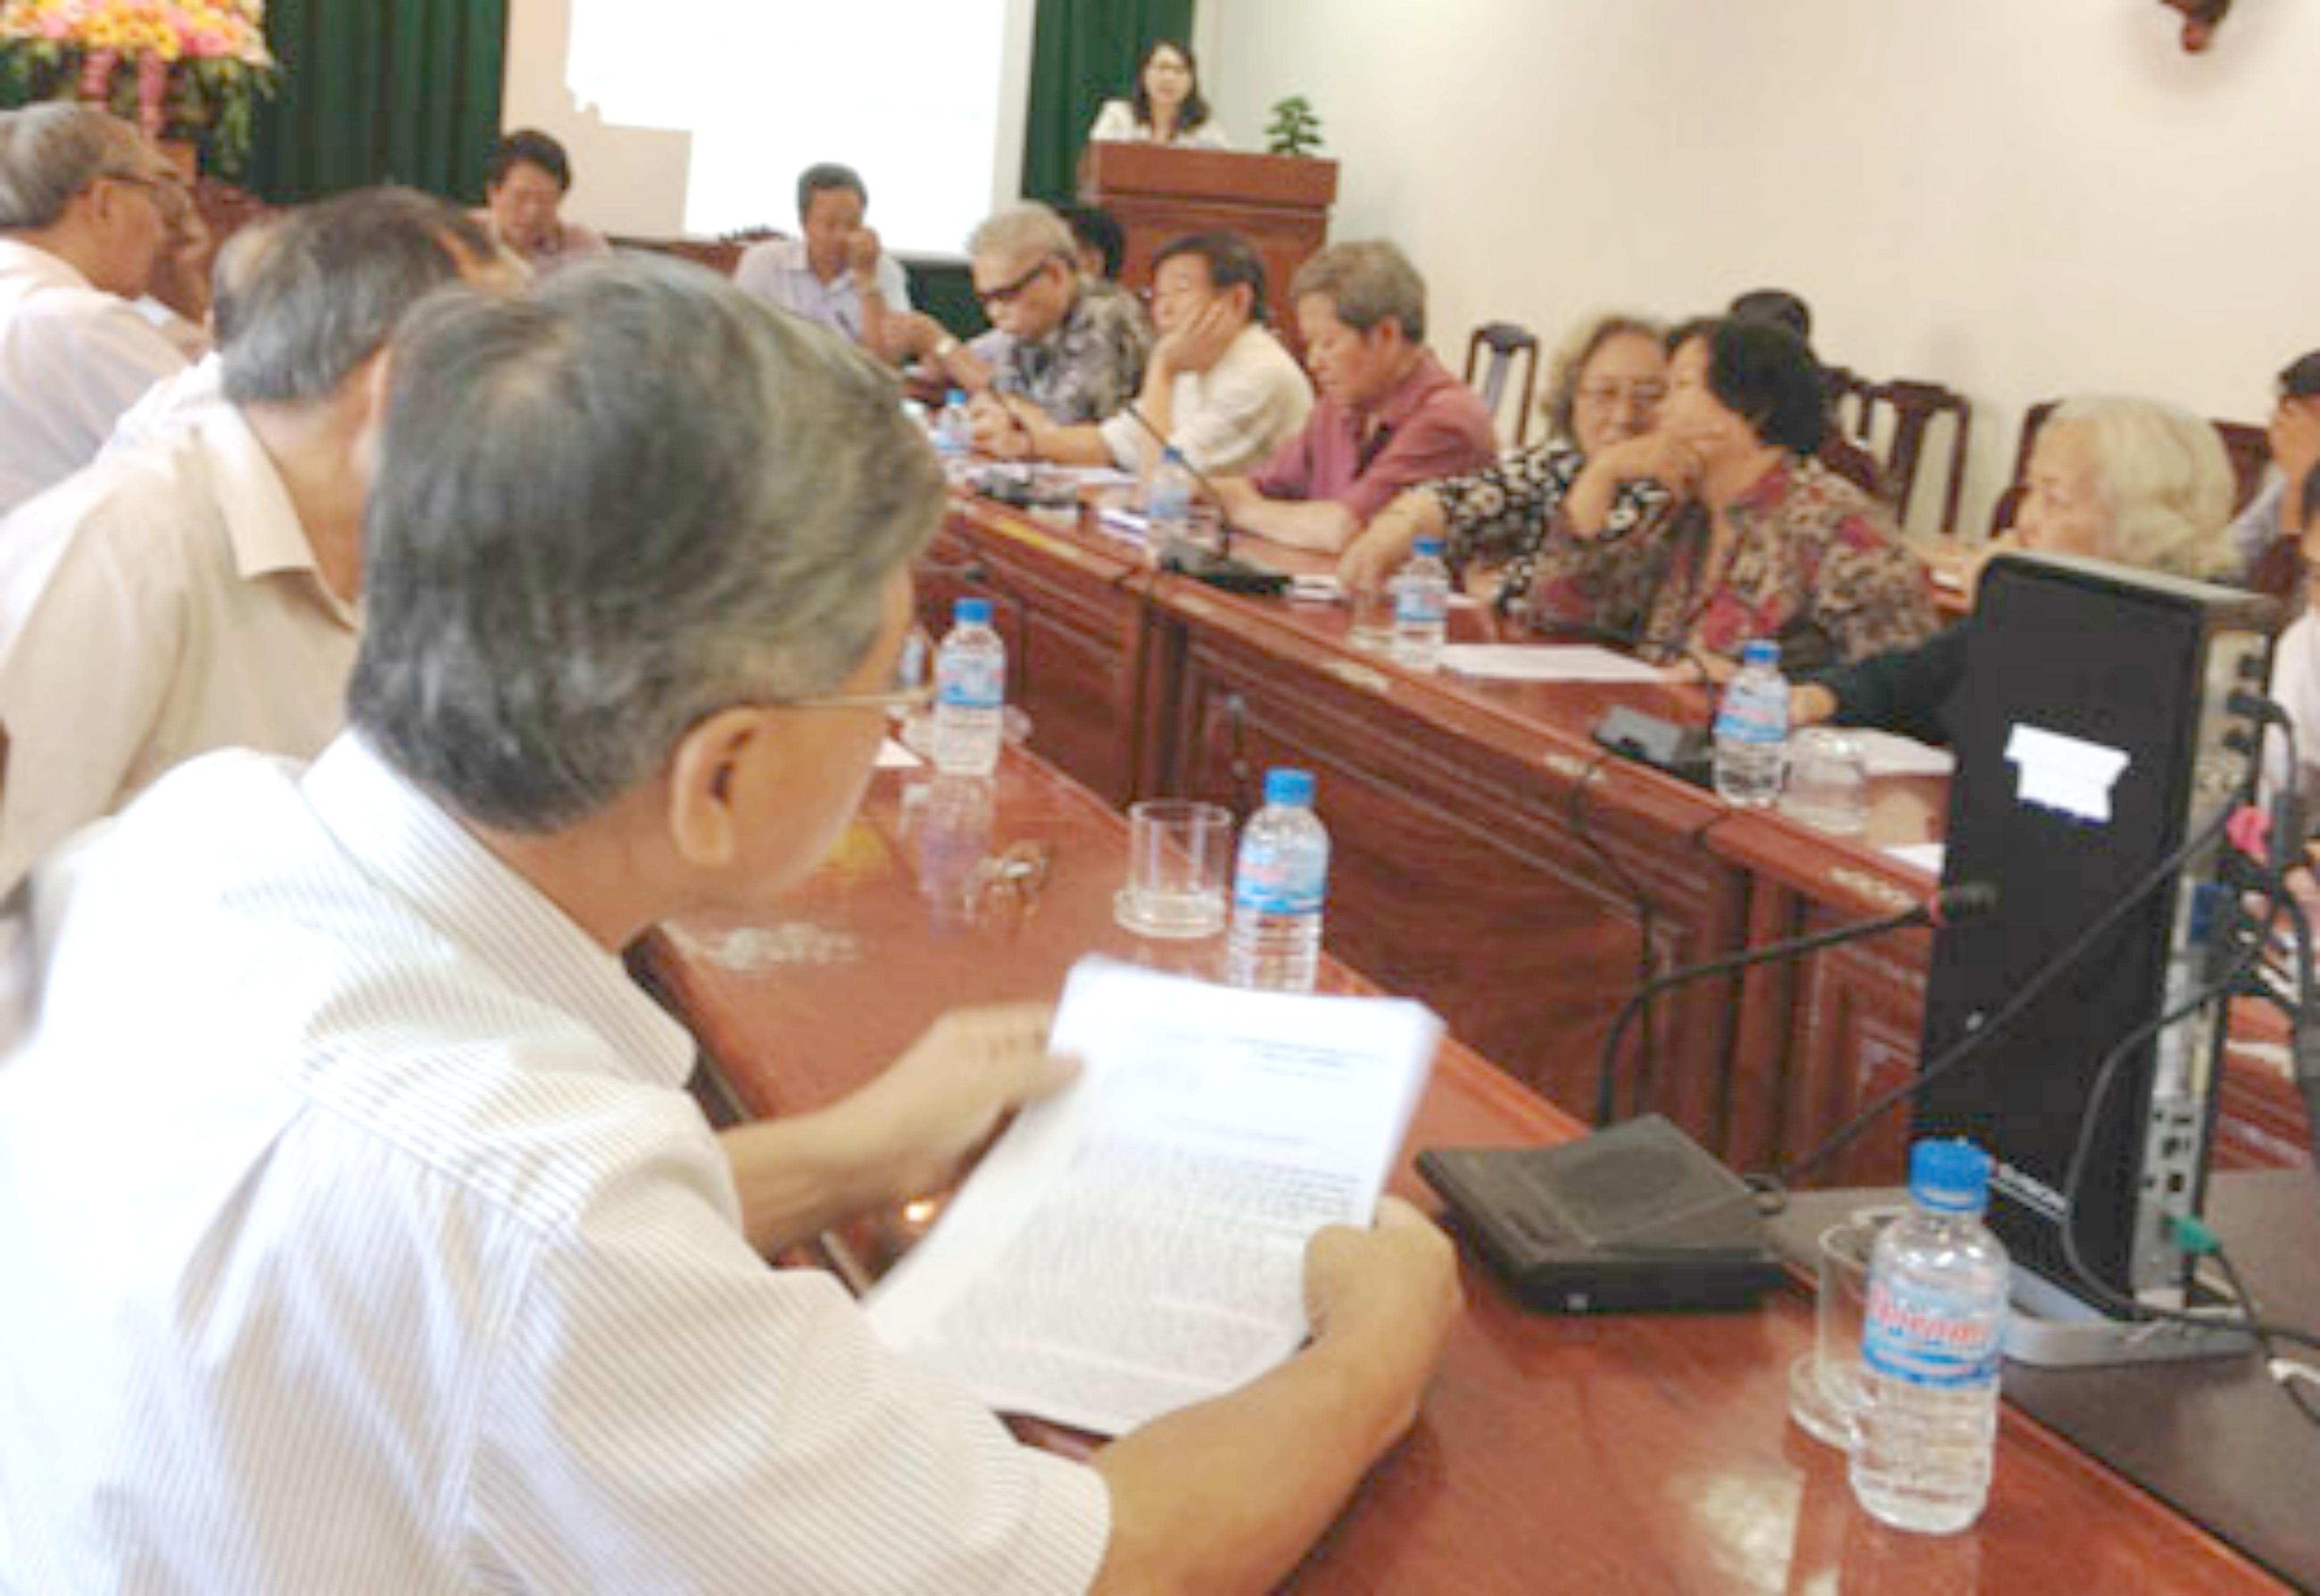 Họp đại biểu quốc hội Phú Yên: cãi nhau vì lãnh đạo chỉ lo quyền lợi gia đình